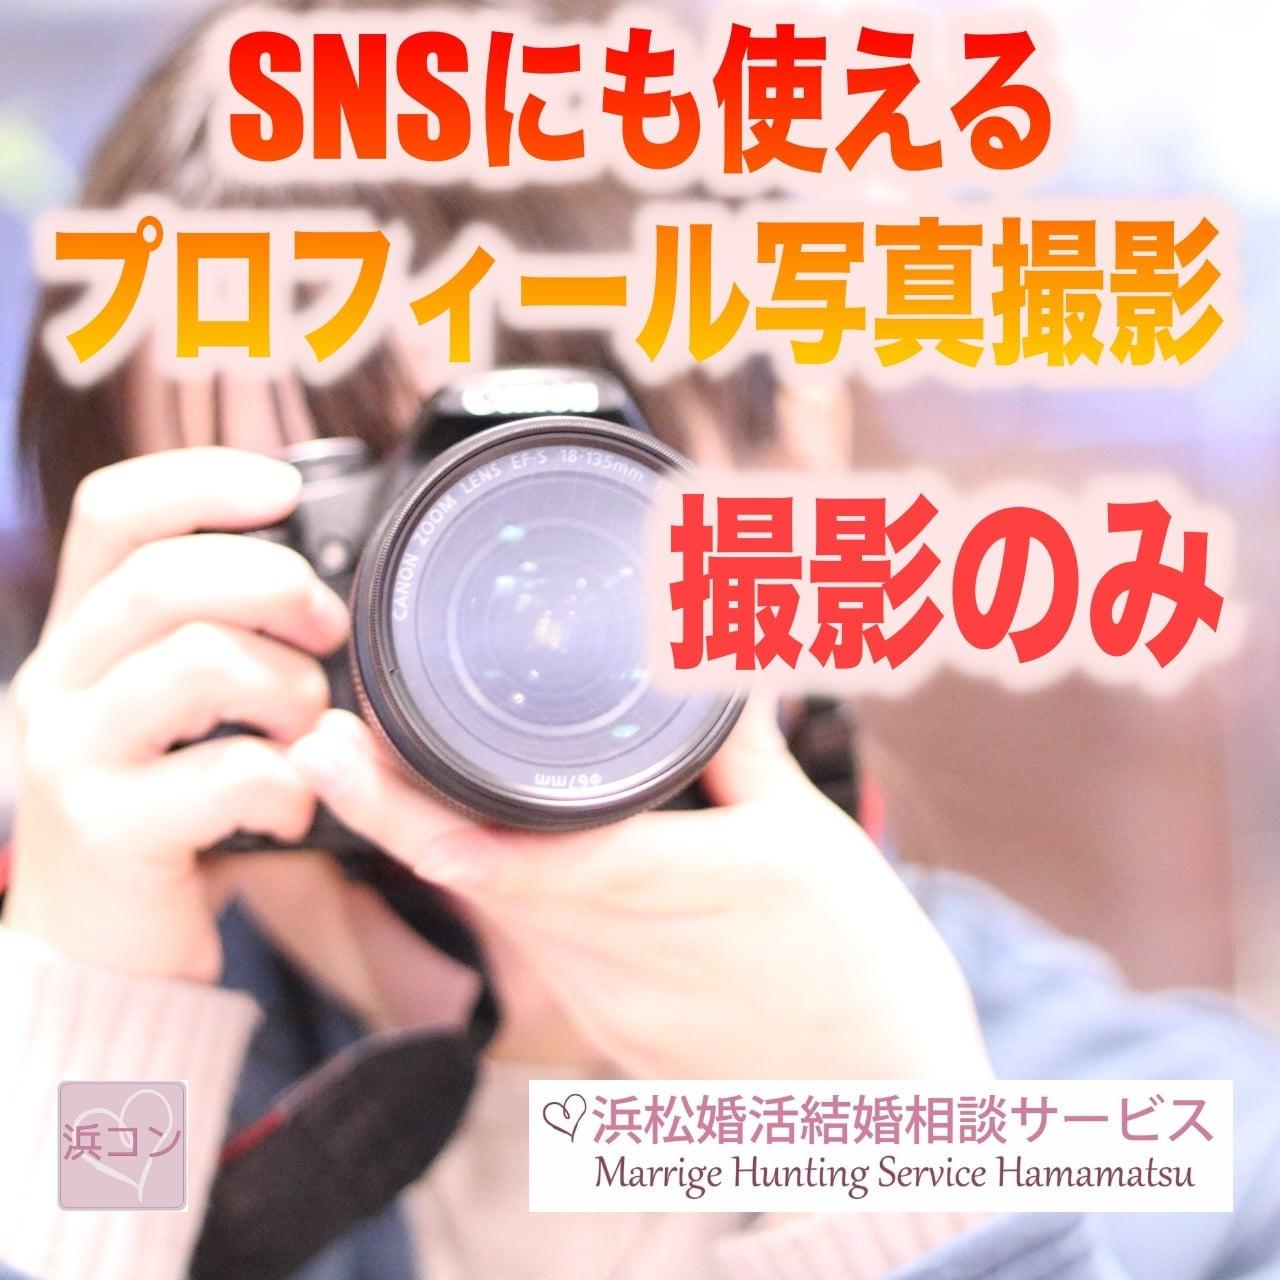 SNSにも使えるプロフィール写真撮影(基本コース・撮影のみ)【現地払い】のイメージその1